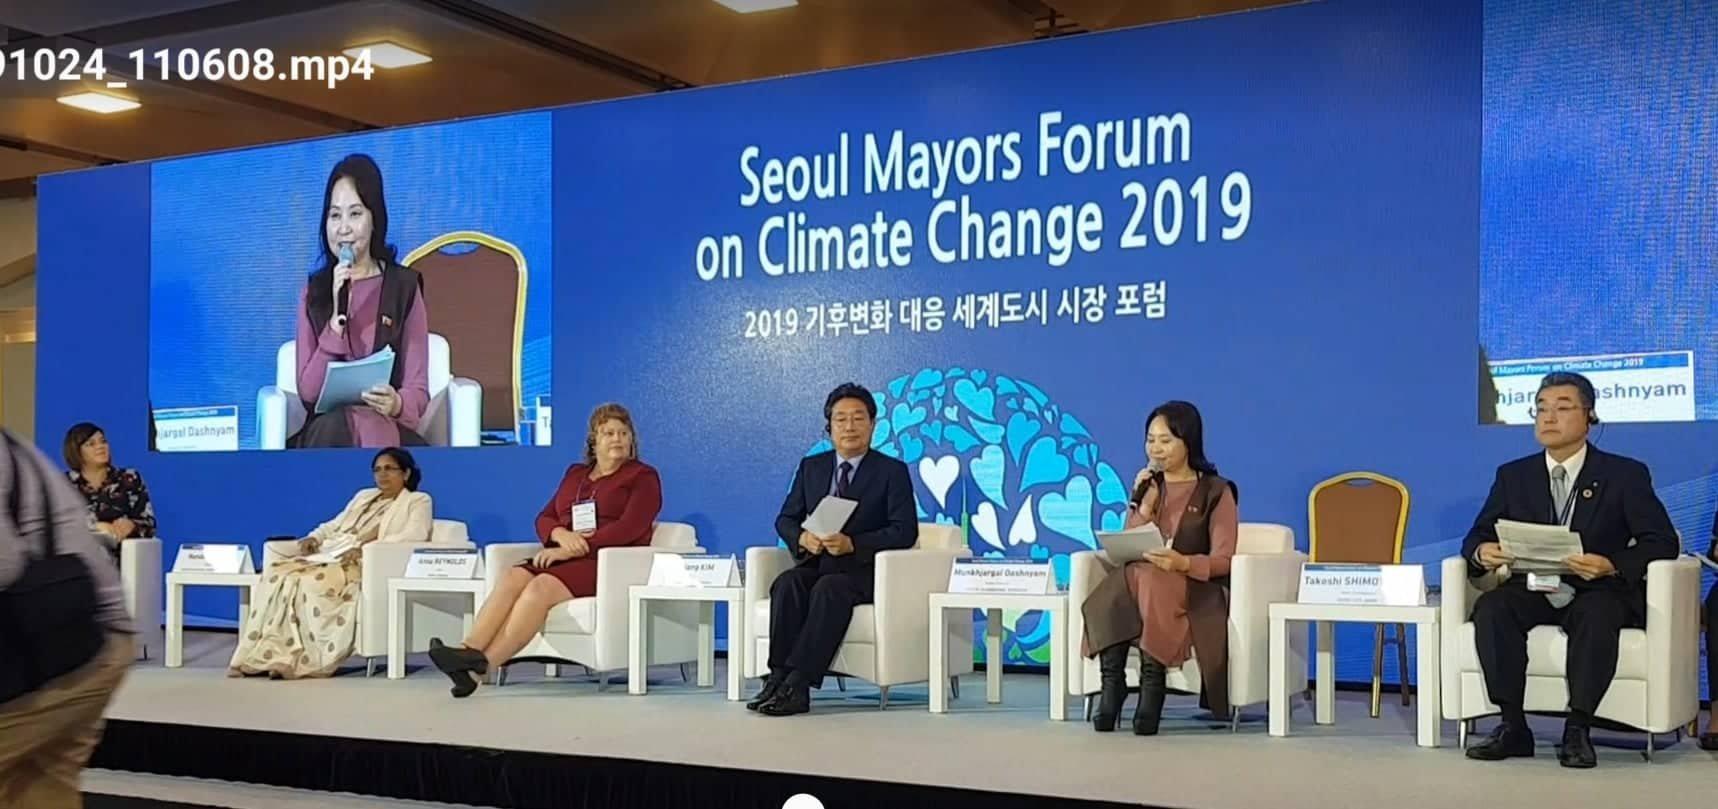 Seoul Mayors Forum буюу хотын дарга нарын форумд оролцлоо